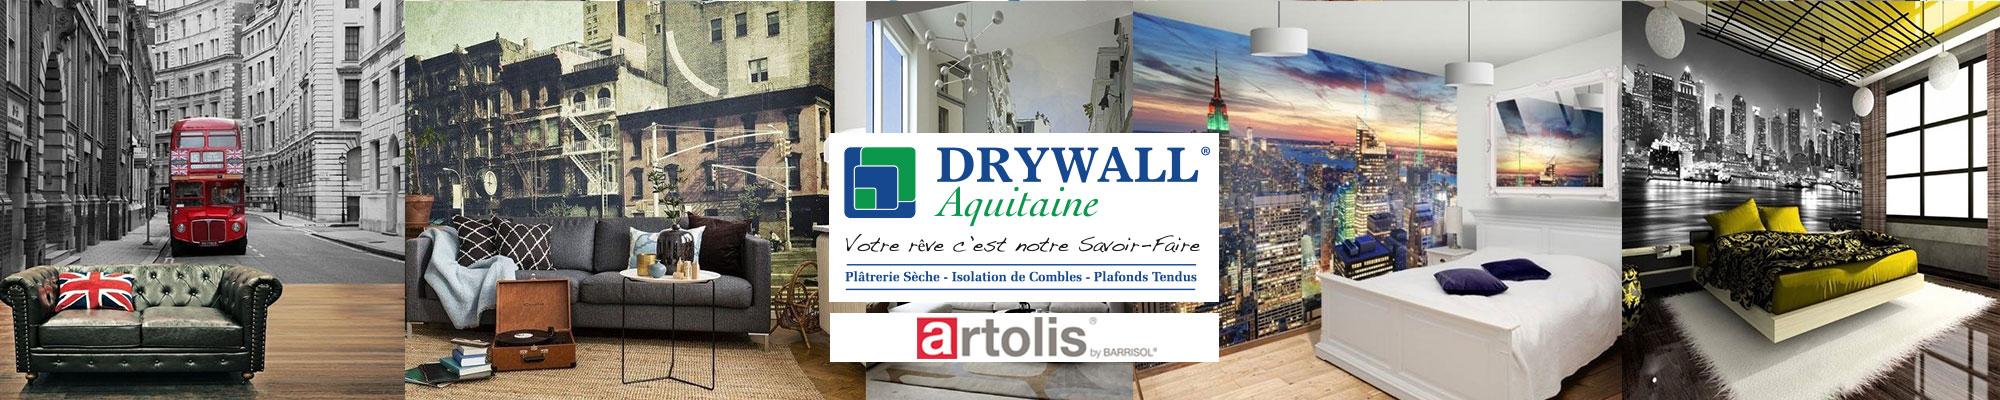 artolis-drywallaquitaine-salles